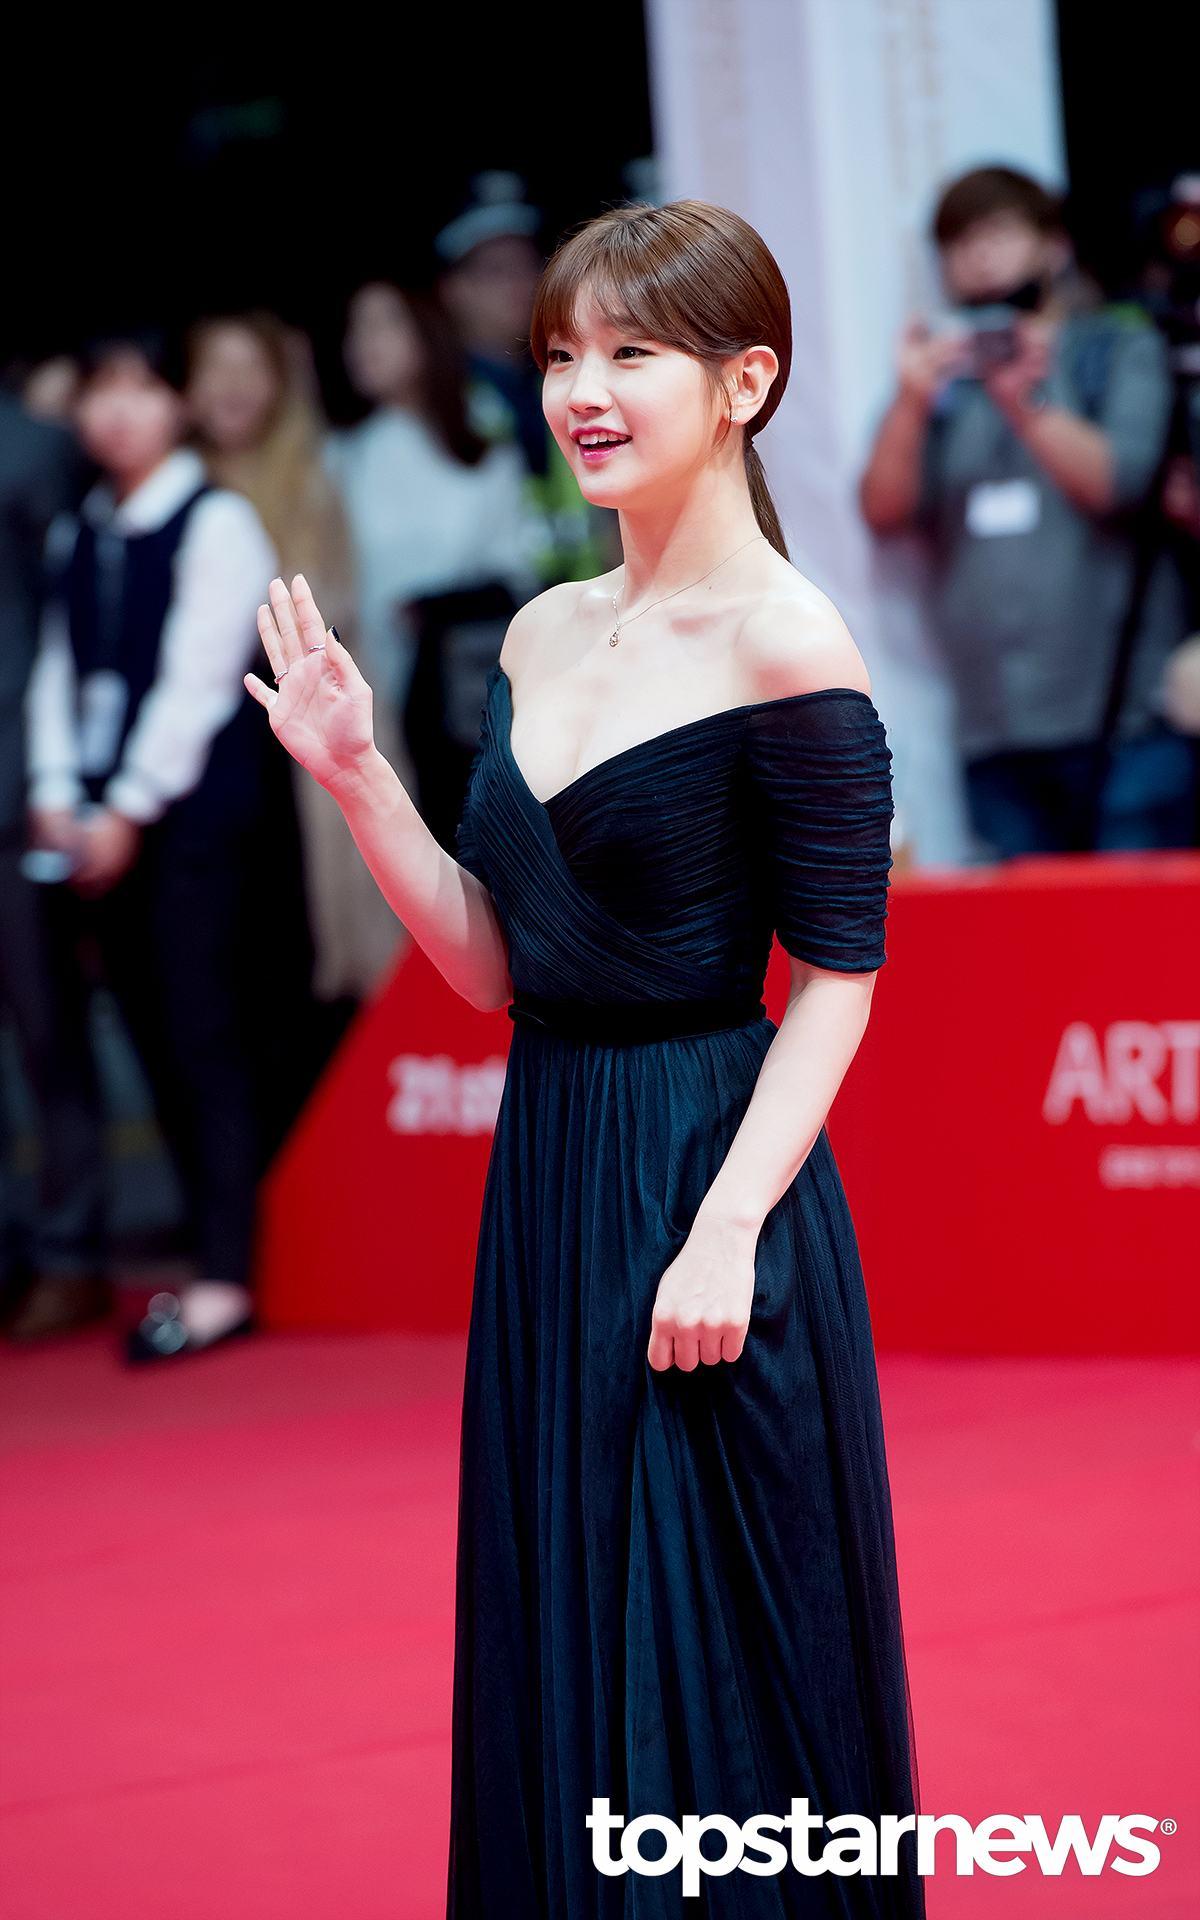 另外,這次出席《釜山電影文化節》的有「灰姑娘」朴素丹~~~ 你們說!!!!!!!!這套禮服超美的啊 到底是誰一直說素丹長得很不好看啊(◞‸◟)